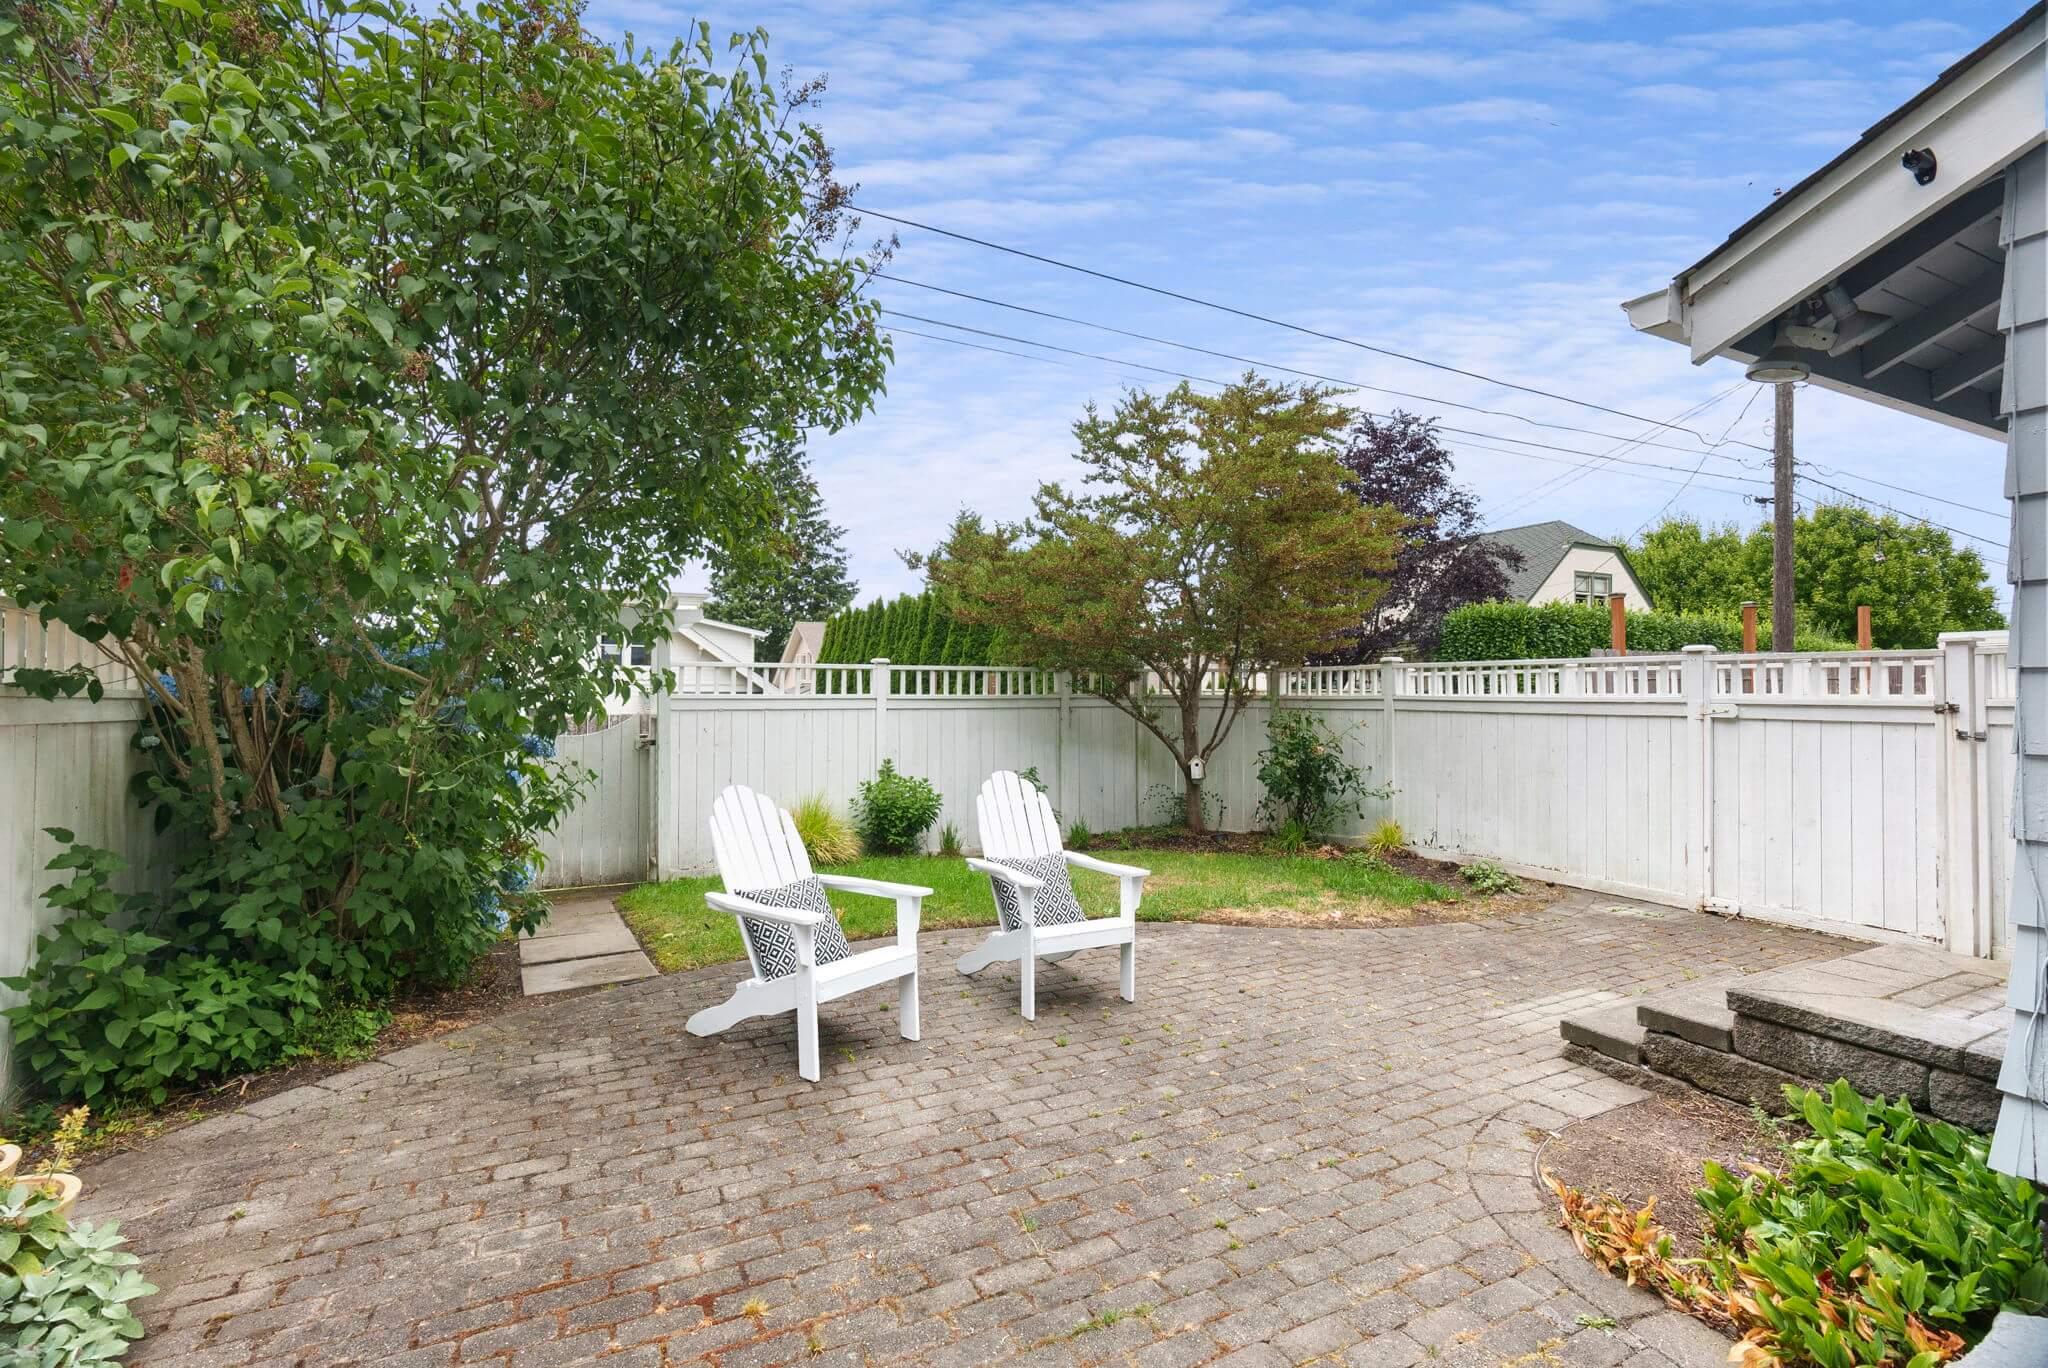 Fenced yard with sprinkler system